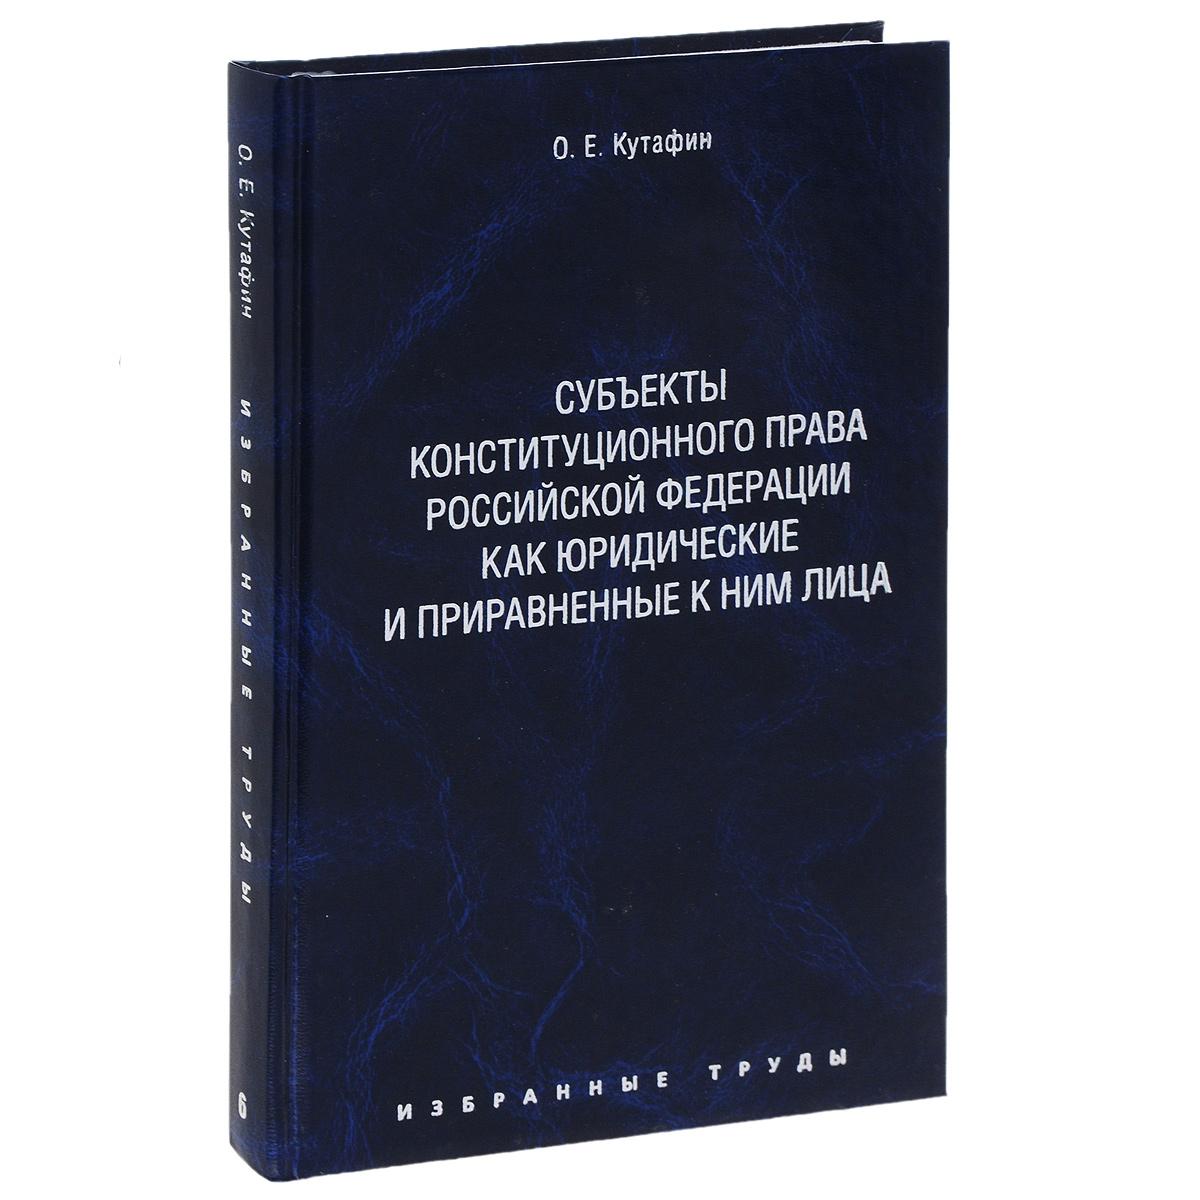 О. Е. Кутафин О. Е. Кутафин. Избранные труды. В 7 томах. Том 6. Субъекты конституционного права Российской Федерации как юридические и приравненные к ним лица